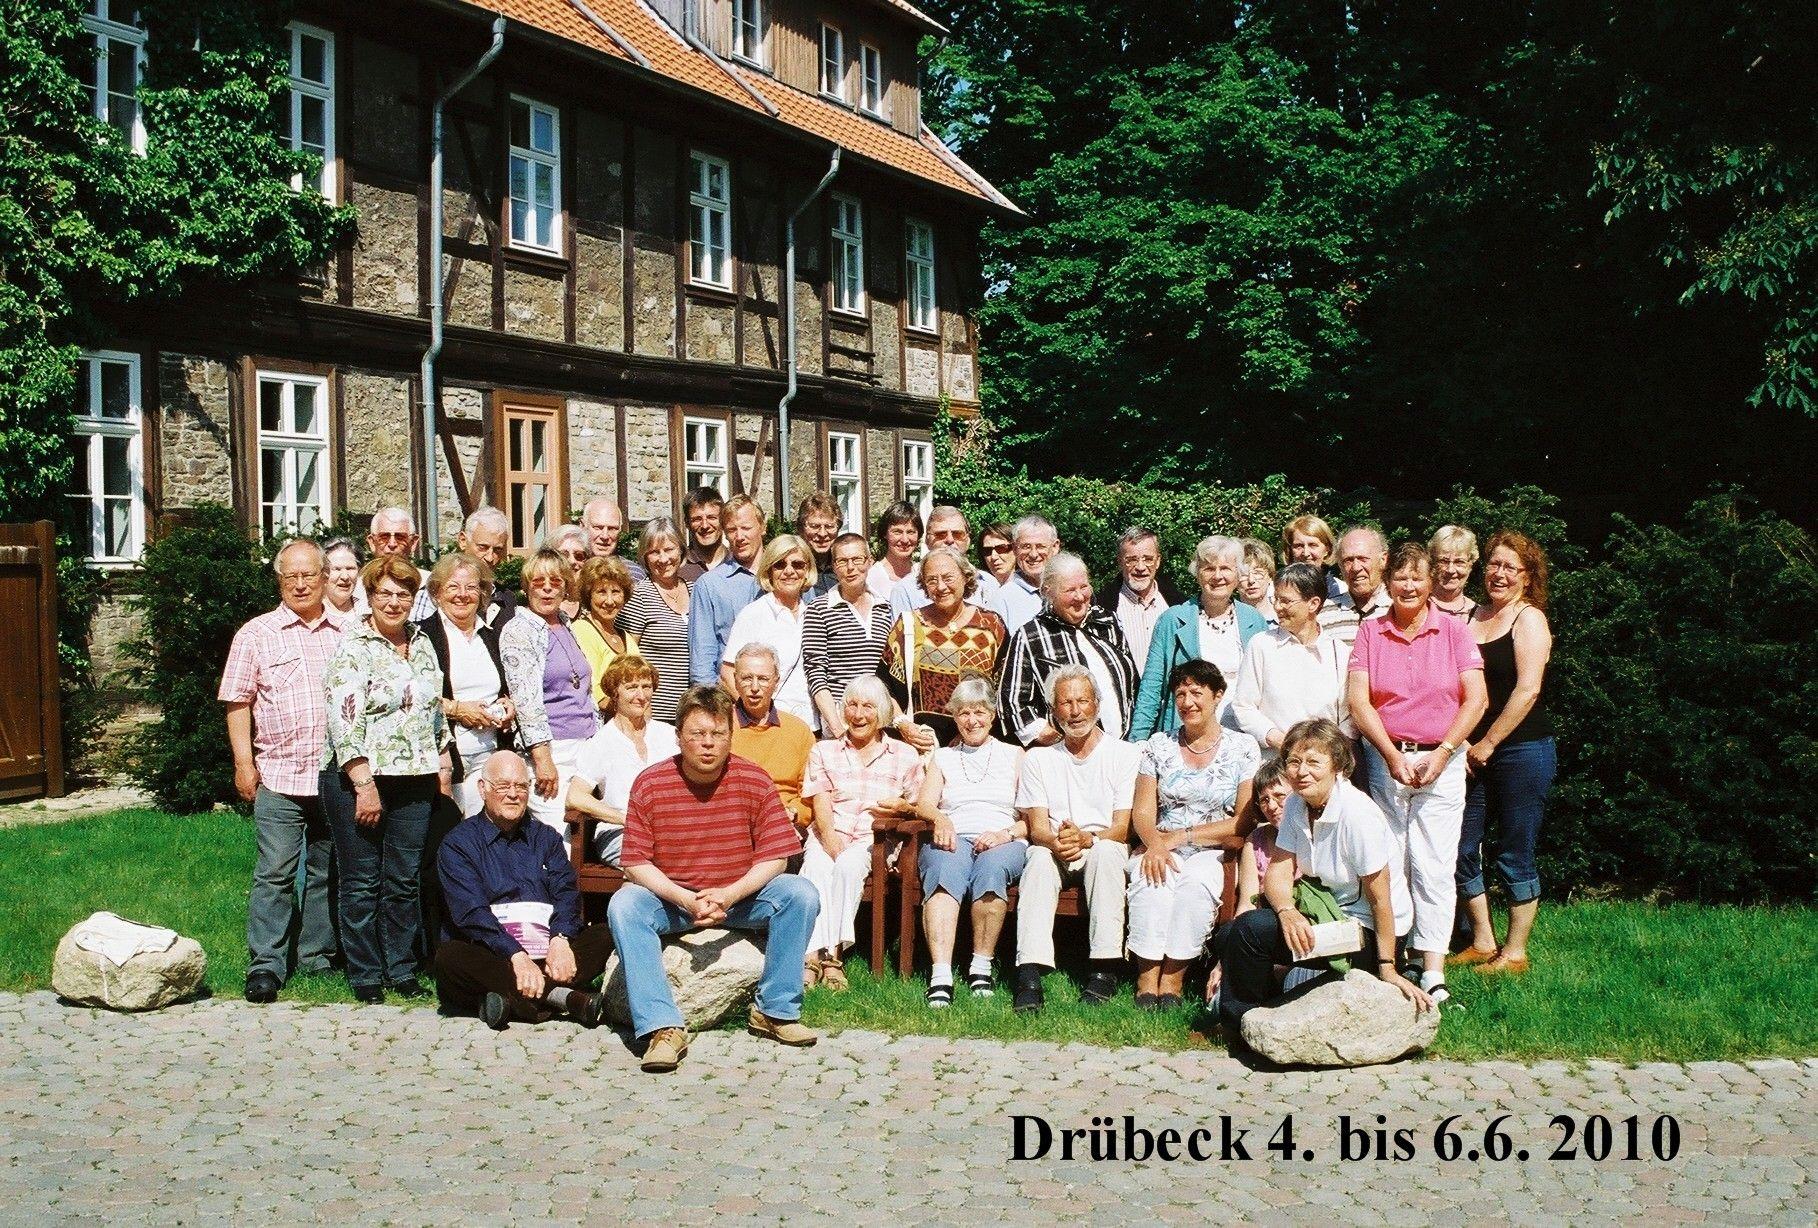 2010: Chorwochenende in Drübeck